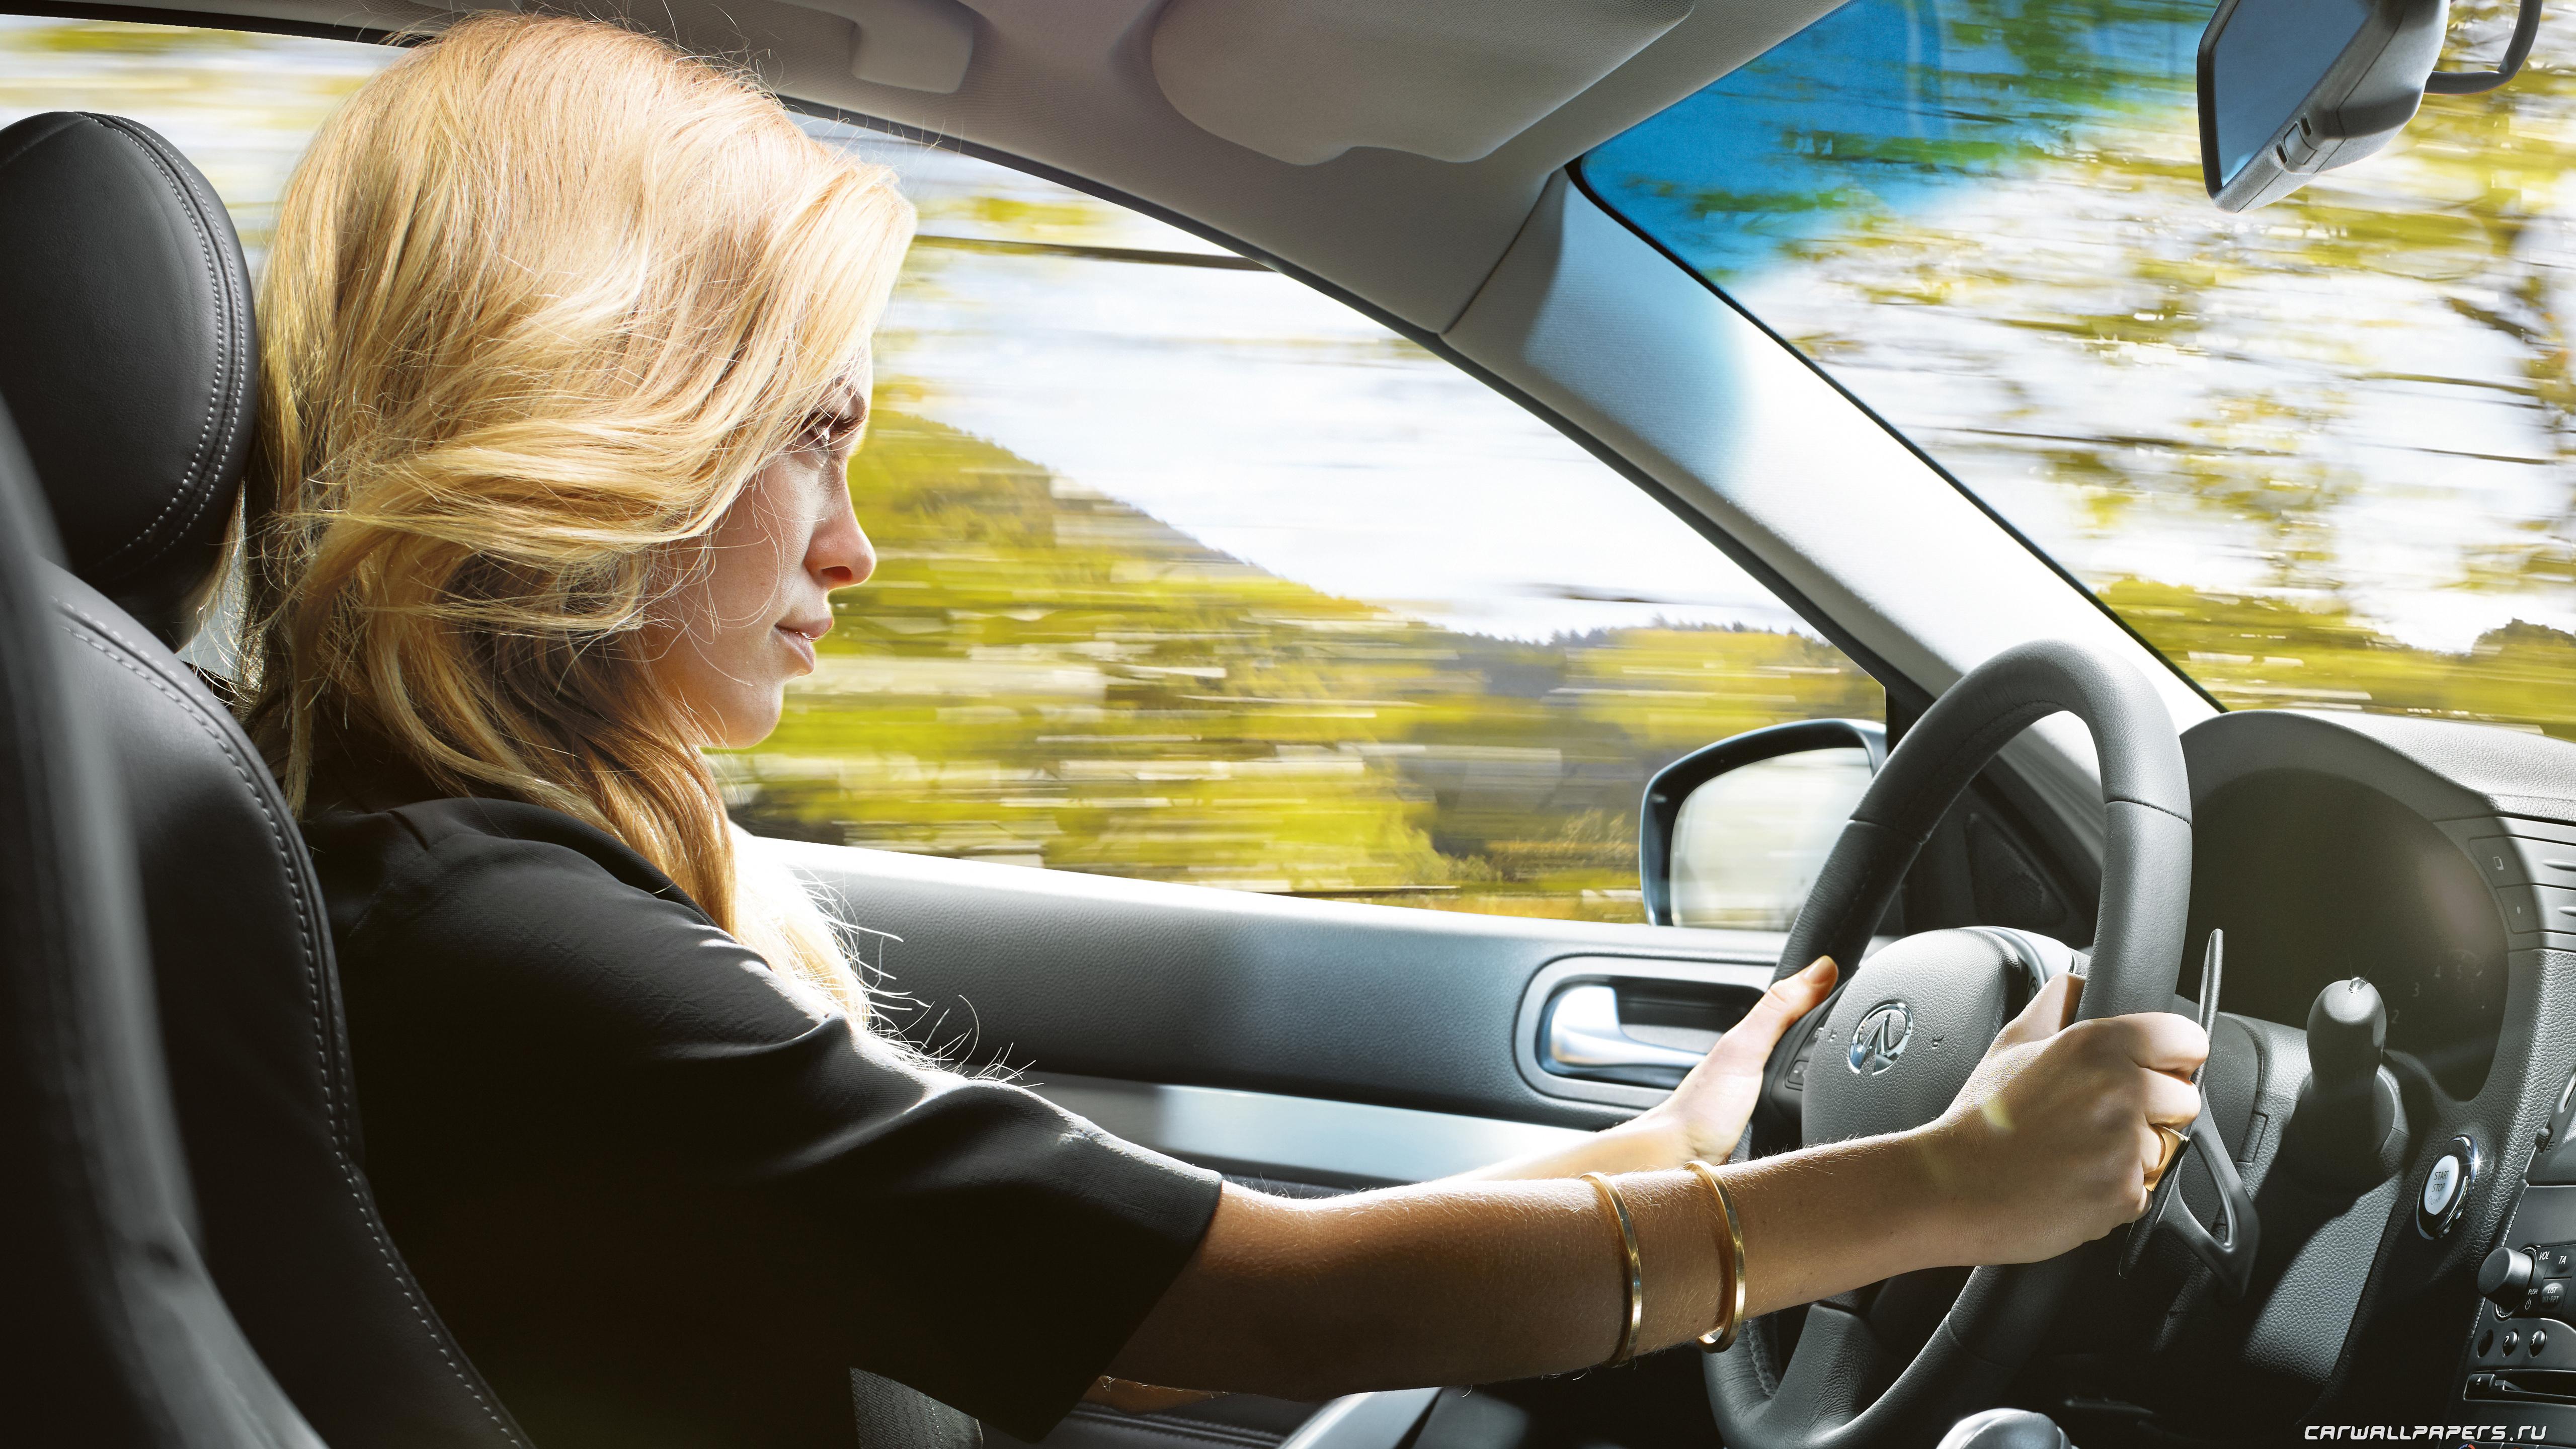 Фото девушки за рулем с боку на аву